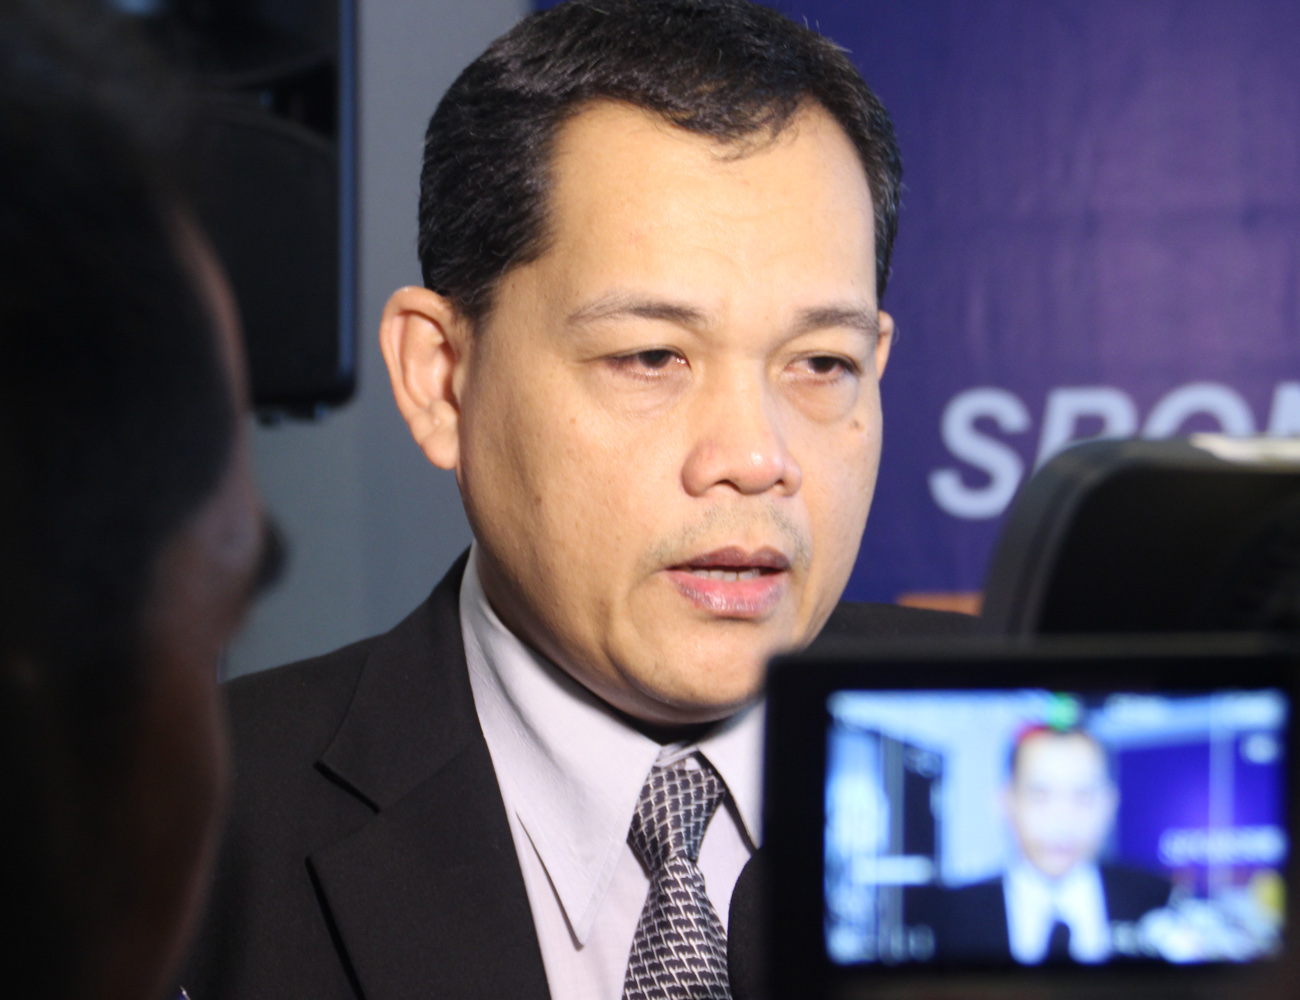 Dato' Hamidin Bin Hj Mohd Amin